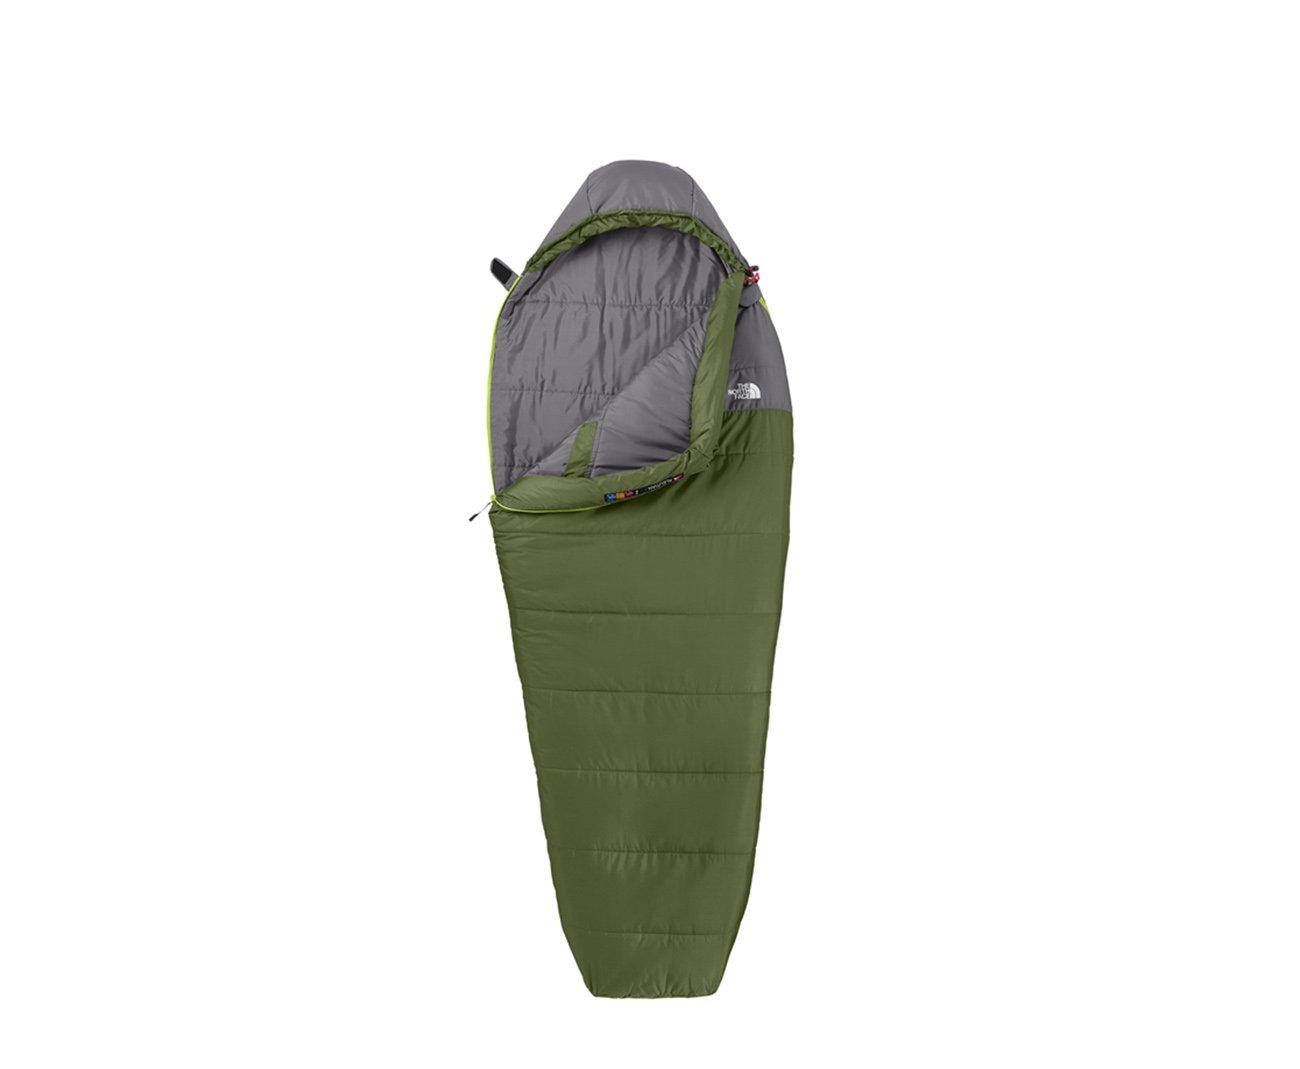 Saco De Dormir Aleutian 0°f / -18°c Verde/cinza - Ziper Lado Direito - The North Face